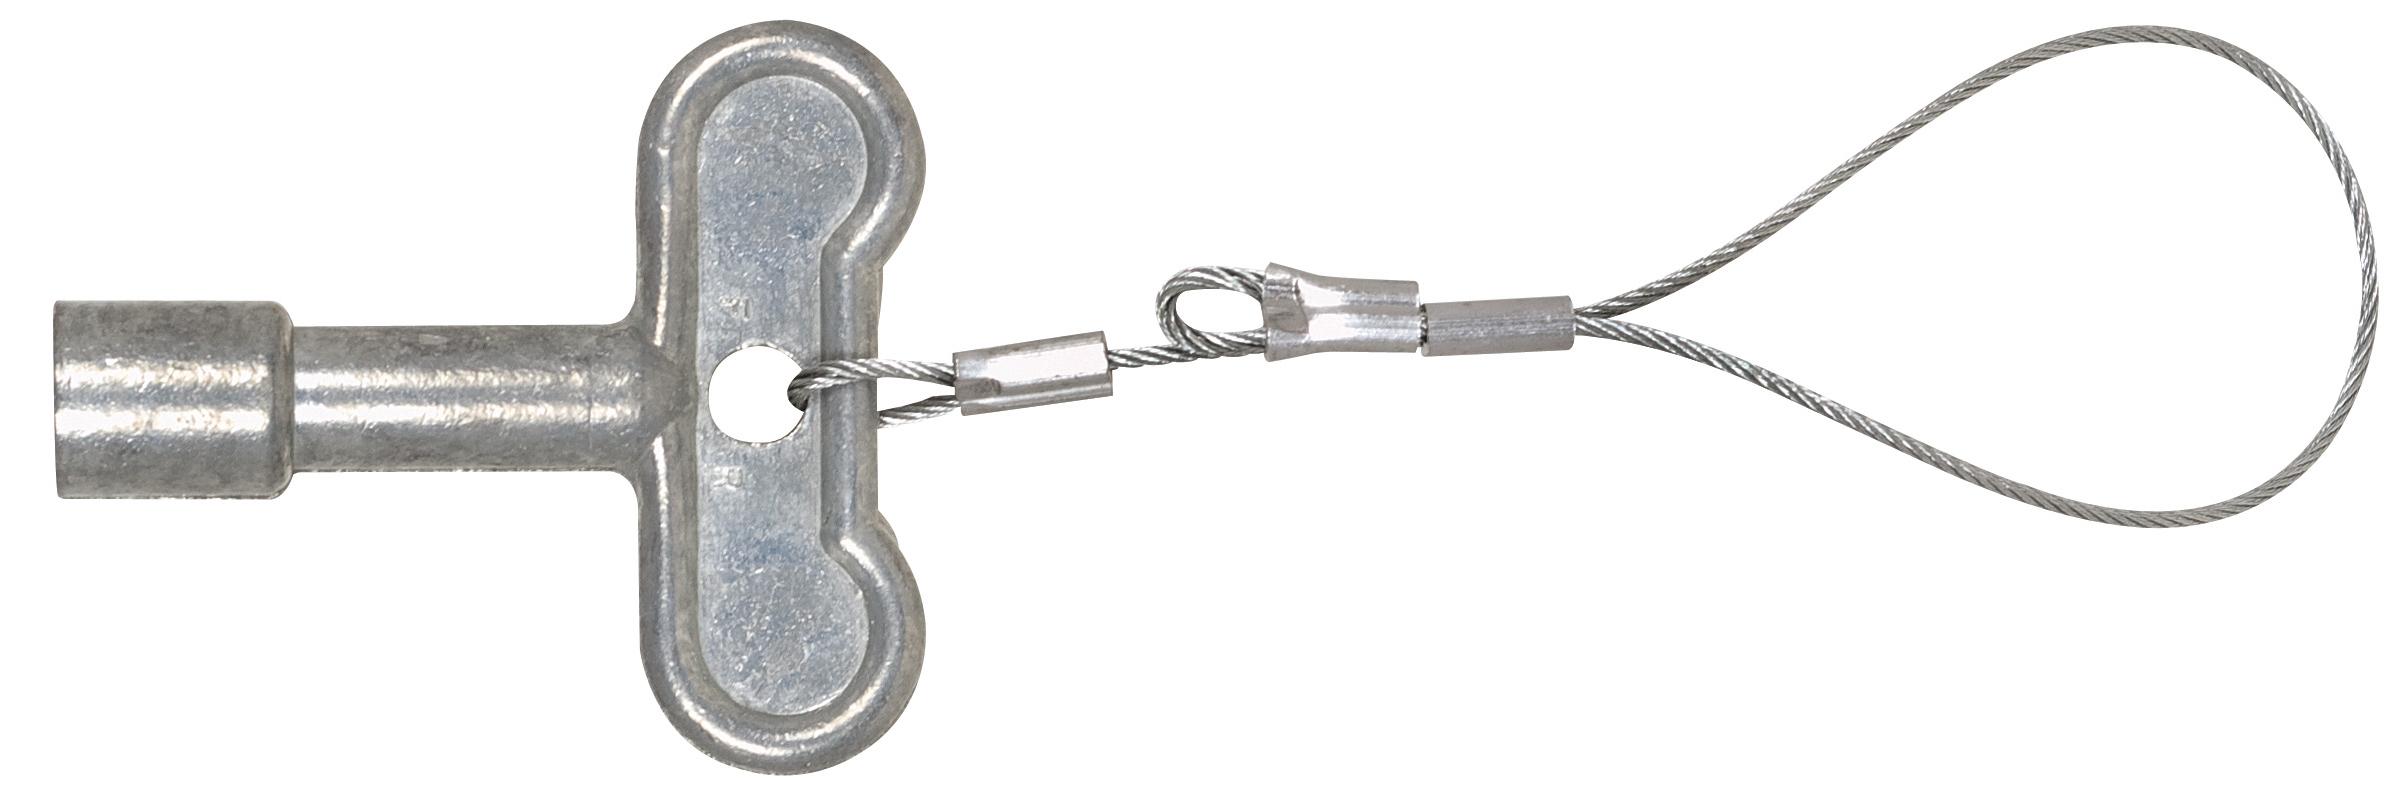 C 138 C 238 Heavy Duty Hose Bibb Angle Sill Faucet